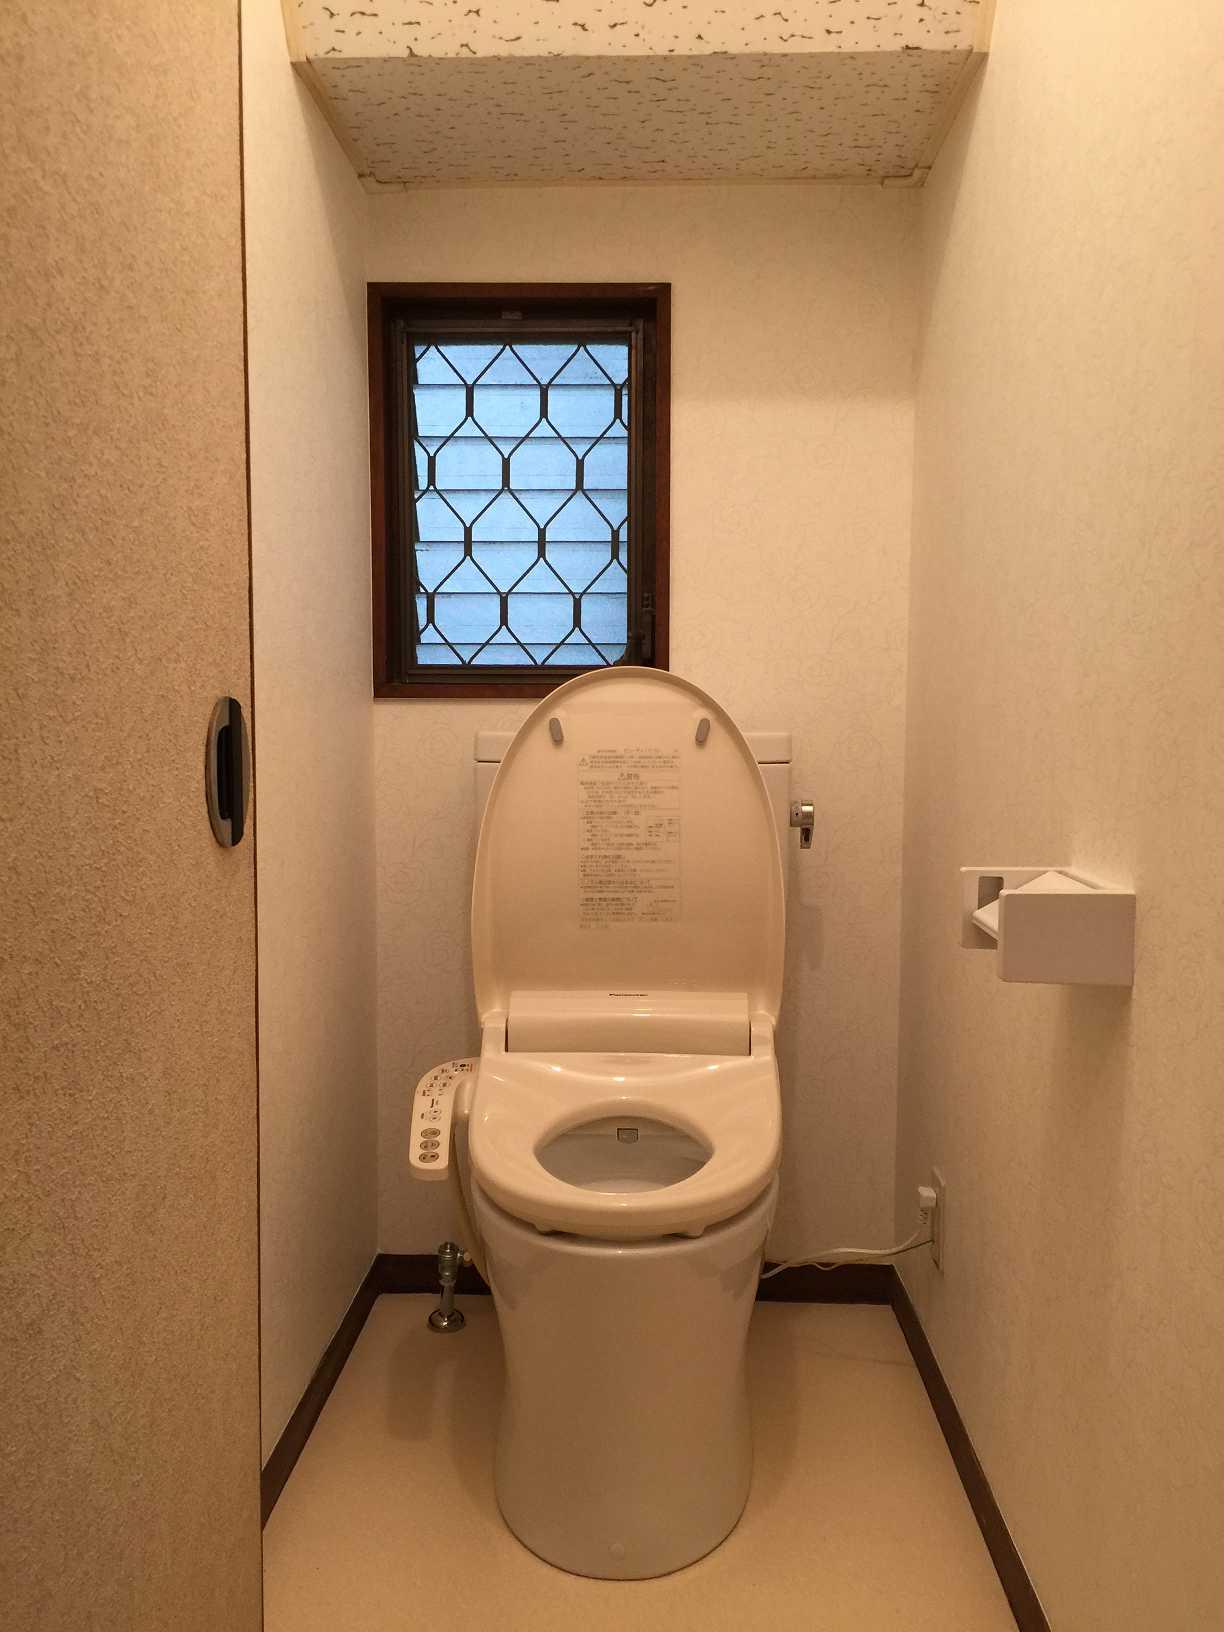 after:念願の温水シャワー洗浄も設置、節水トイレ!おしりにも家計にもやさしいトイレになりました。